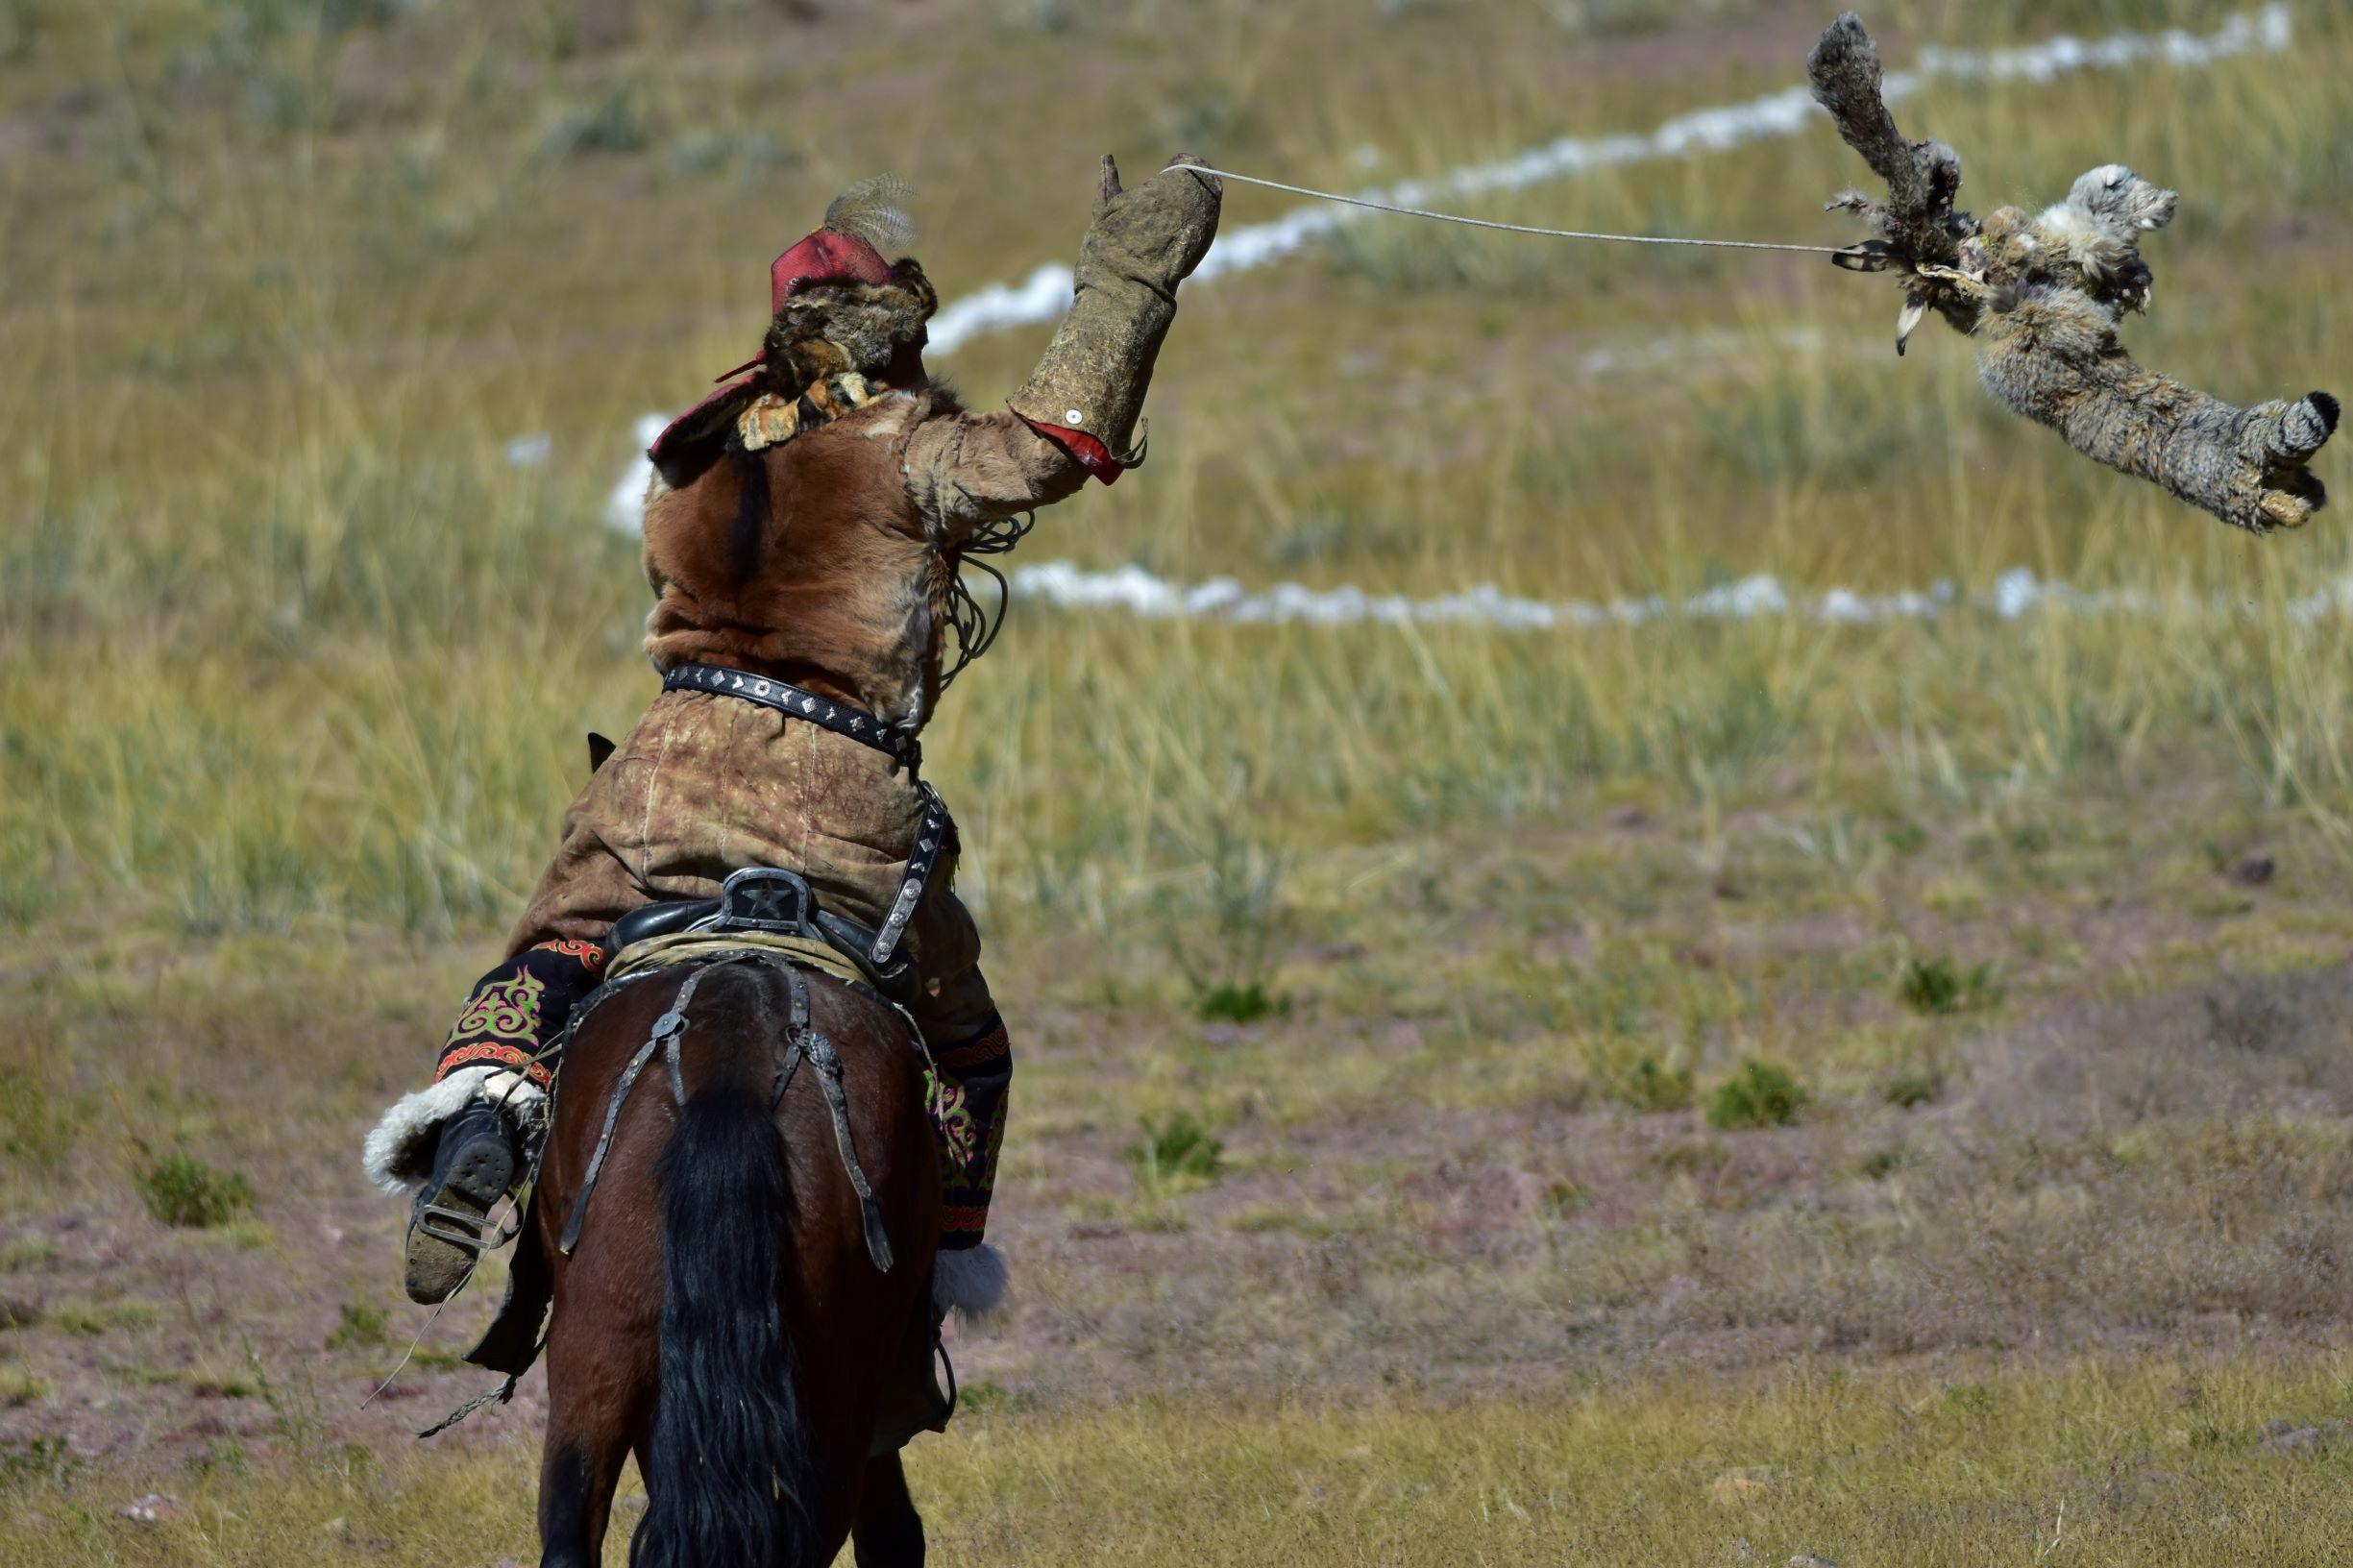 拋出毛皮,模擬在動的獵物,訓練金雕前來捕抓。